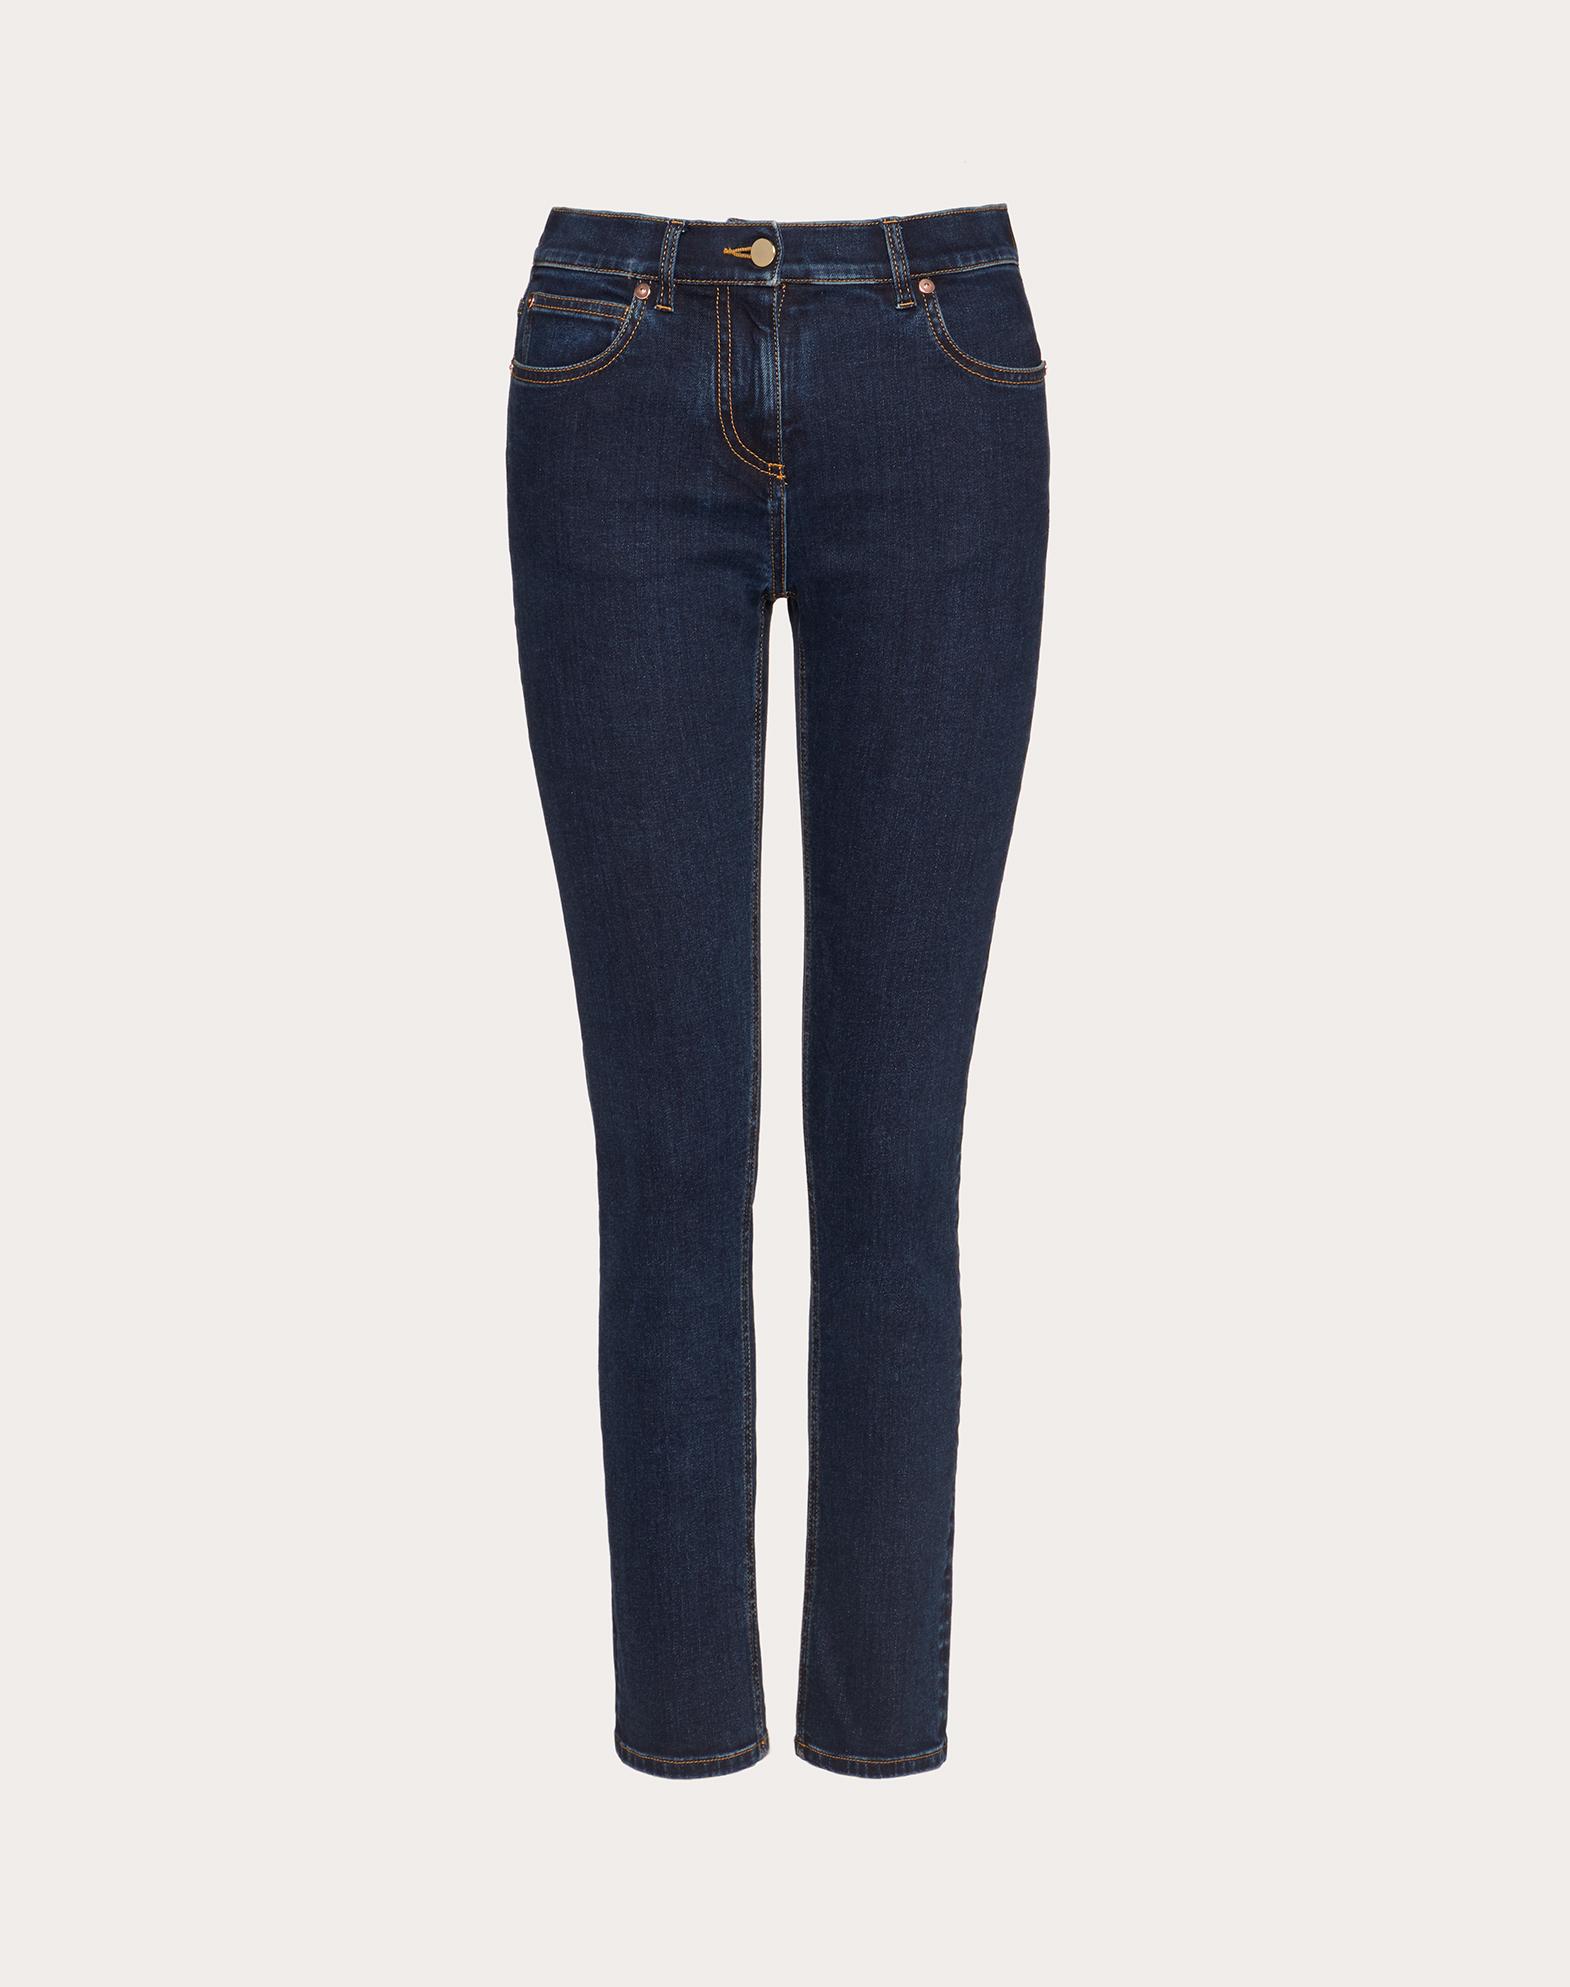 Jeans VGOLD aus Denim